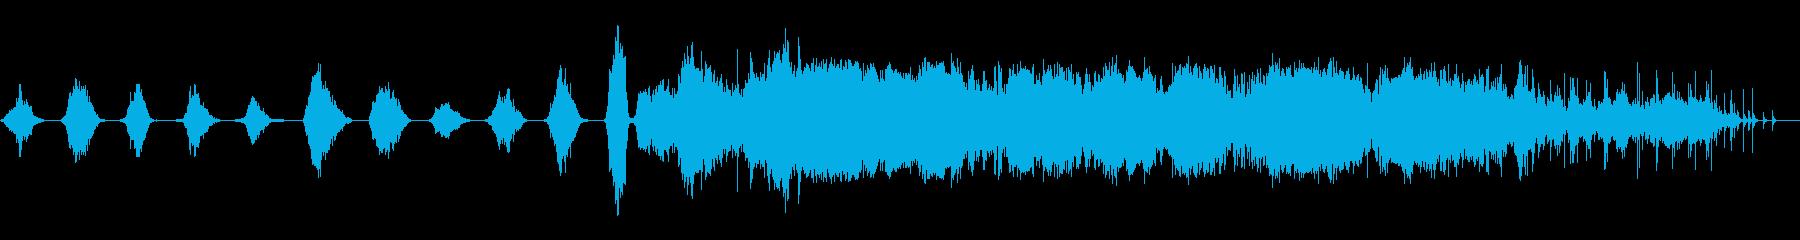 スモールスタジオオーディエンス:1...の再生済みの波形